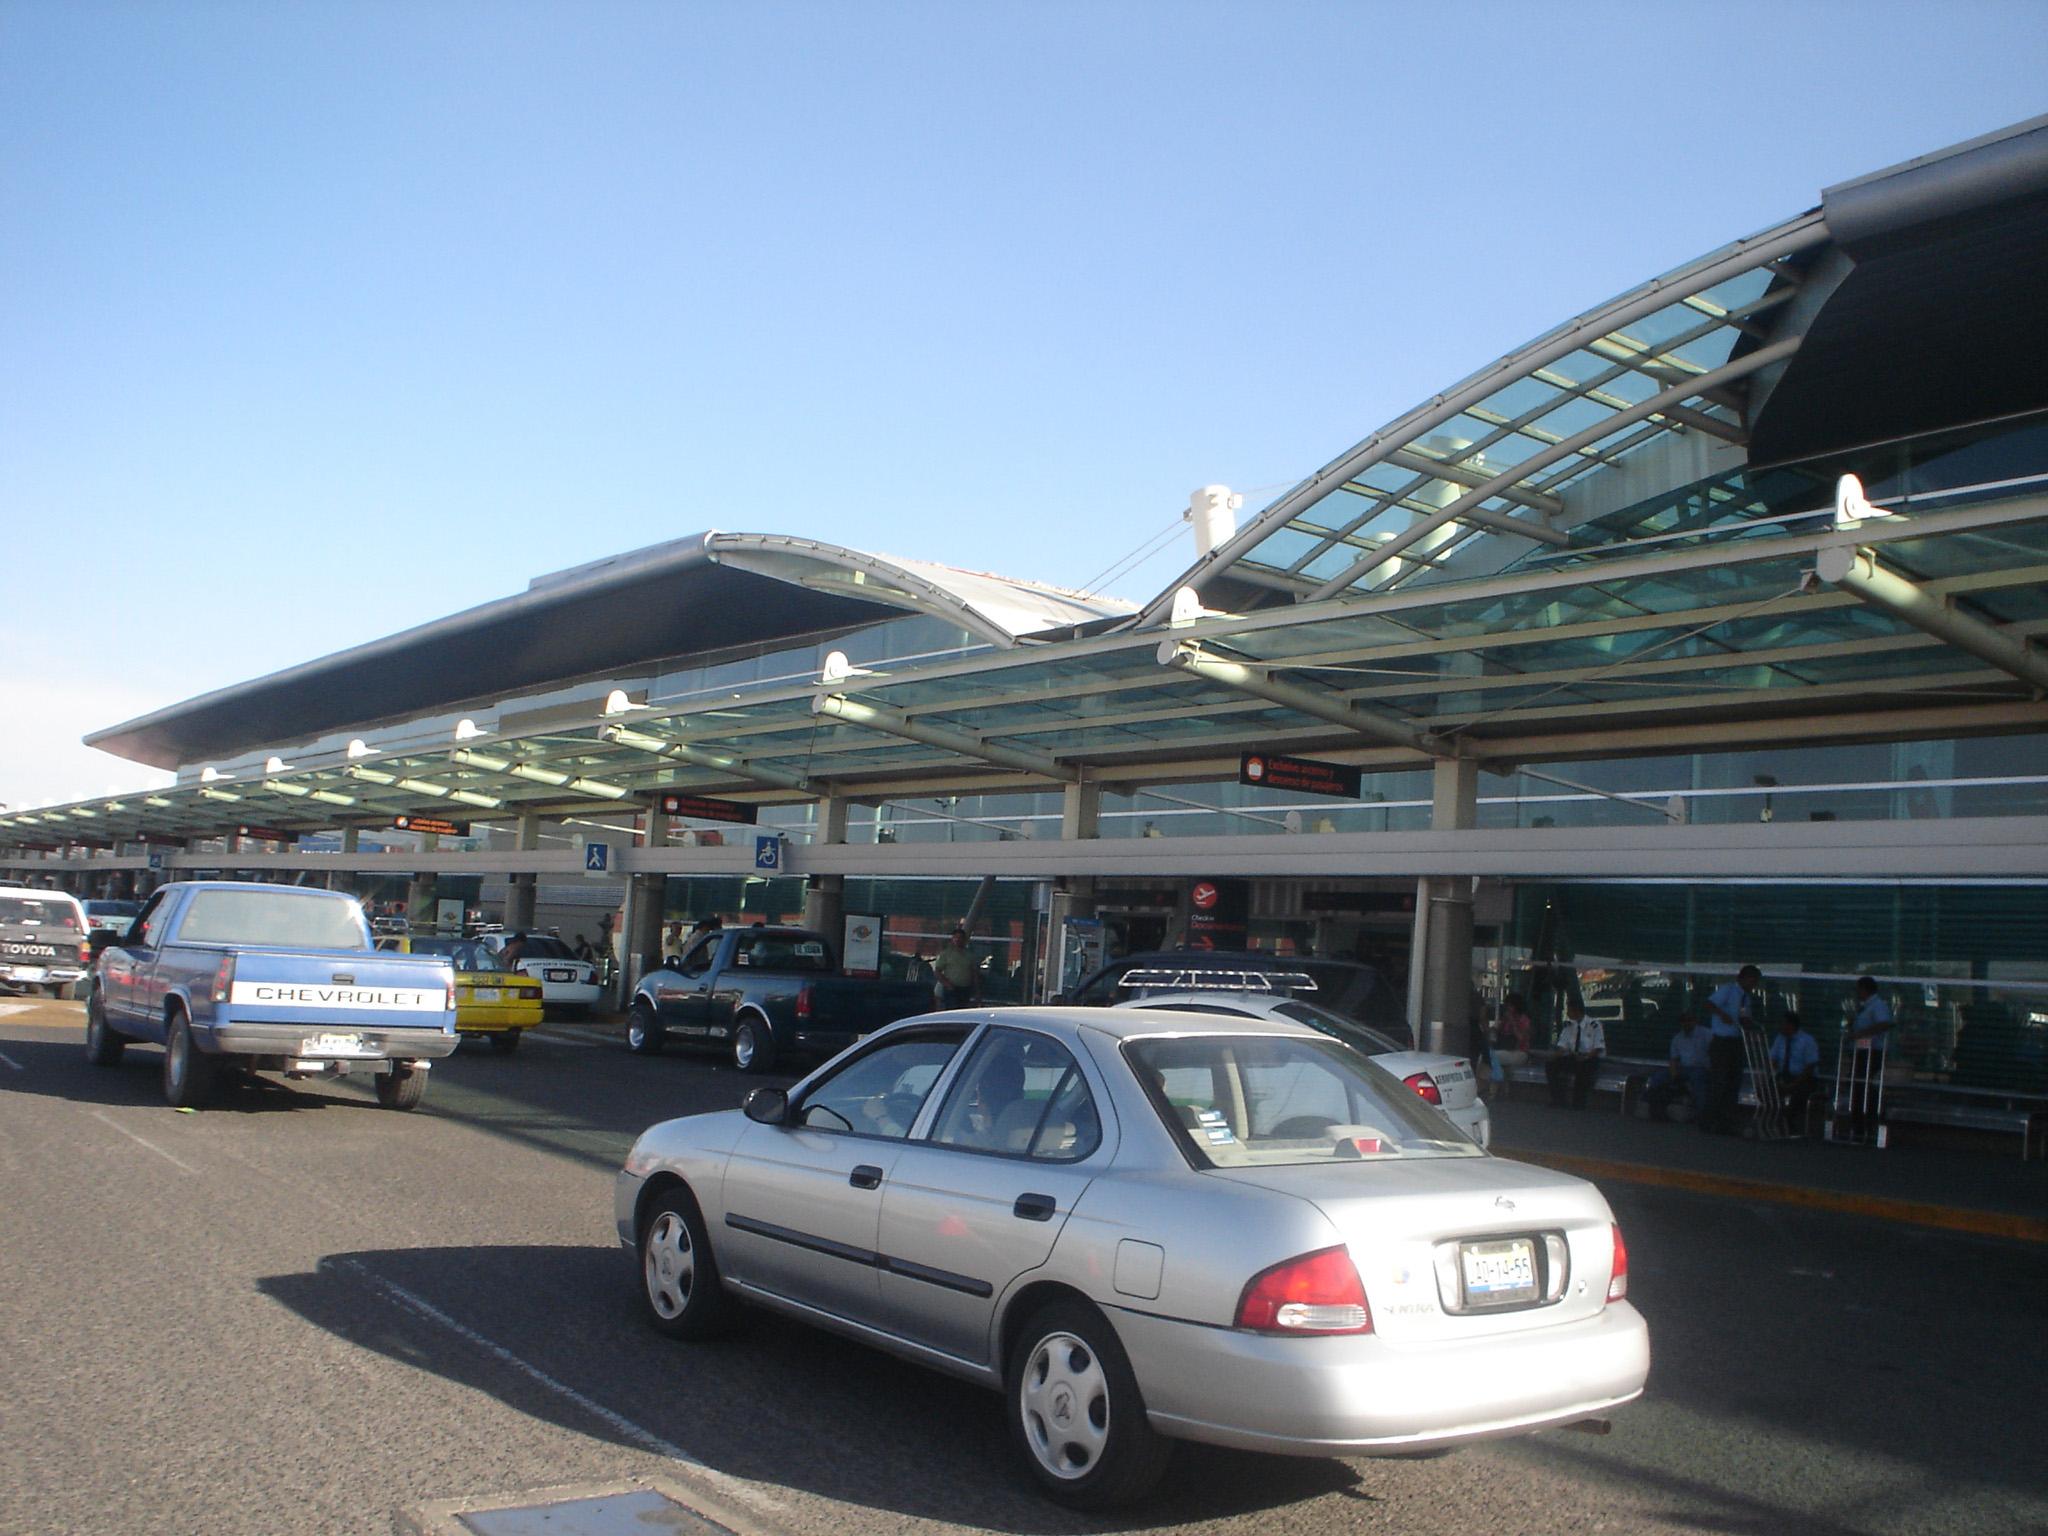 ドン・ミゲル・イダルゴ・イ・コスティージャ国際空港